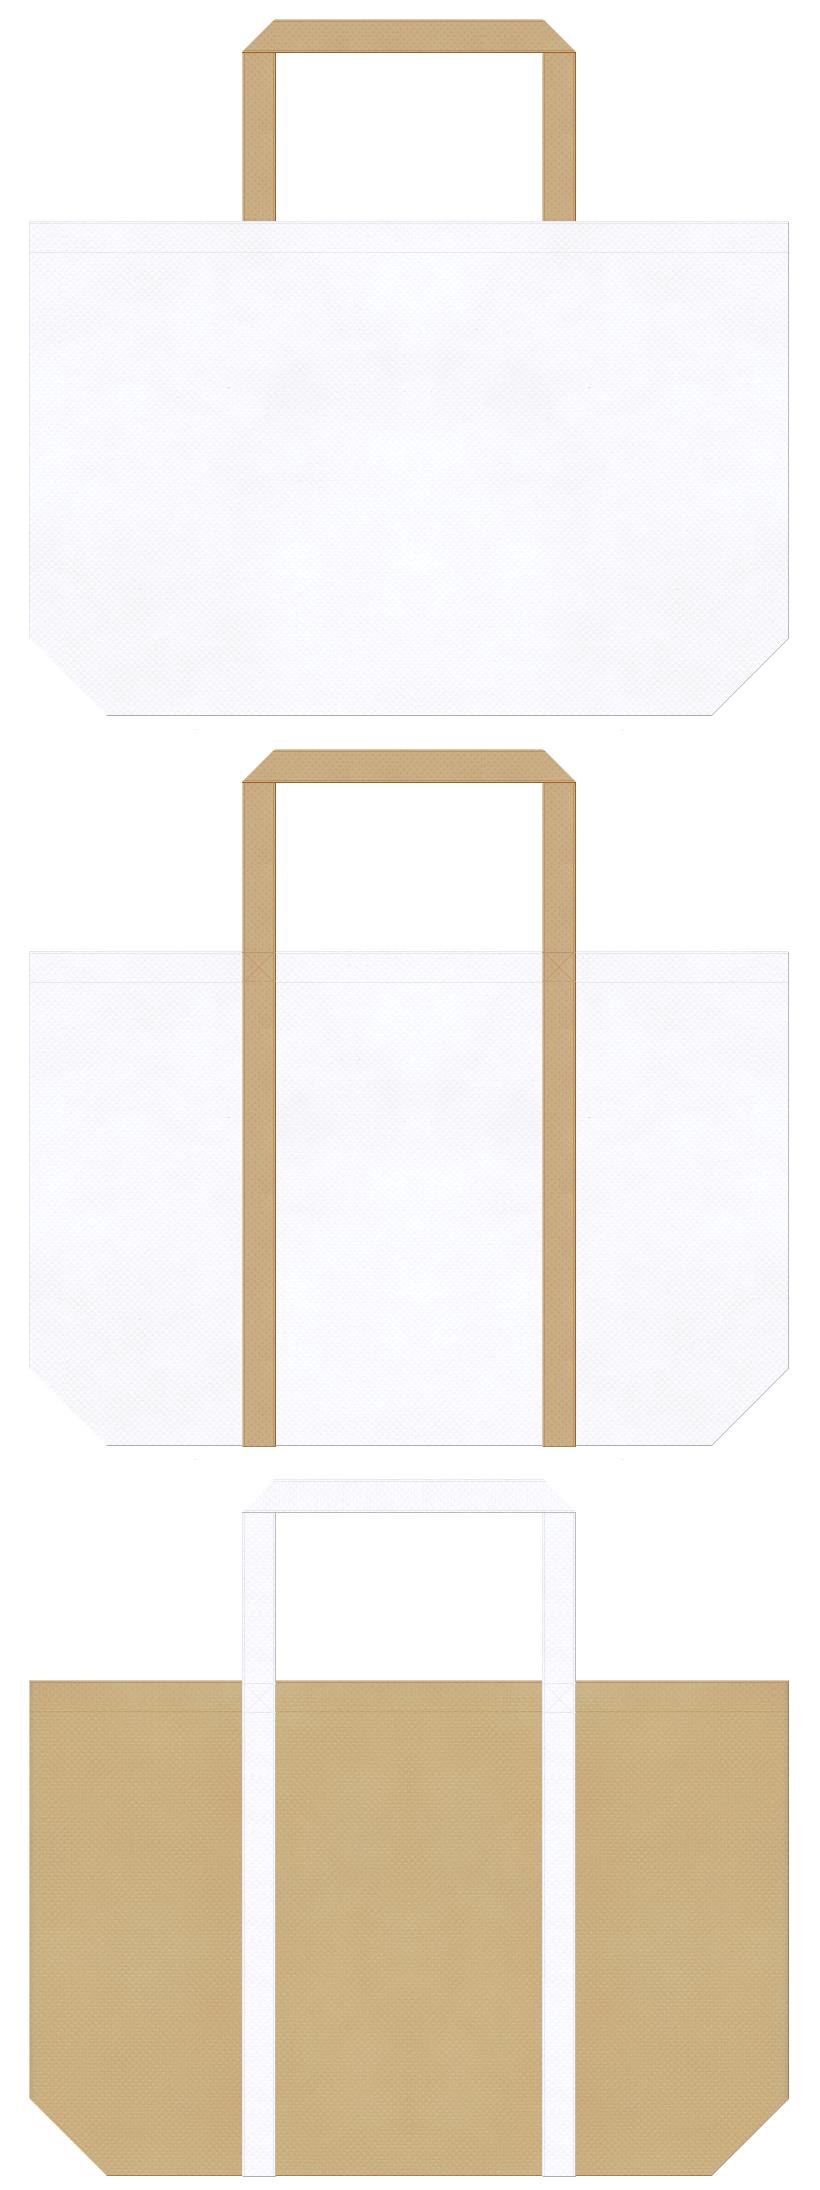 ペットショップ・ペットサロン・手芸・木工・DIYイベント・スイーツ・保冷バッグにお奨めの不織布バッグデザイン:白色とカーキ色のコーデ